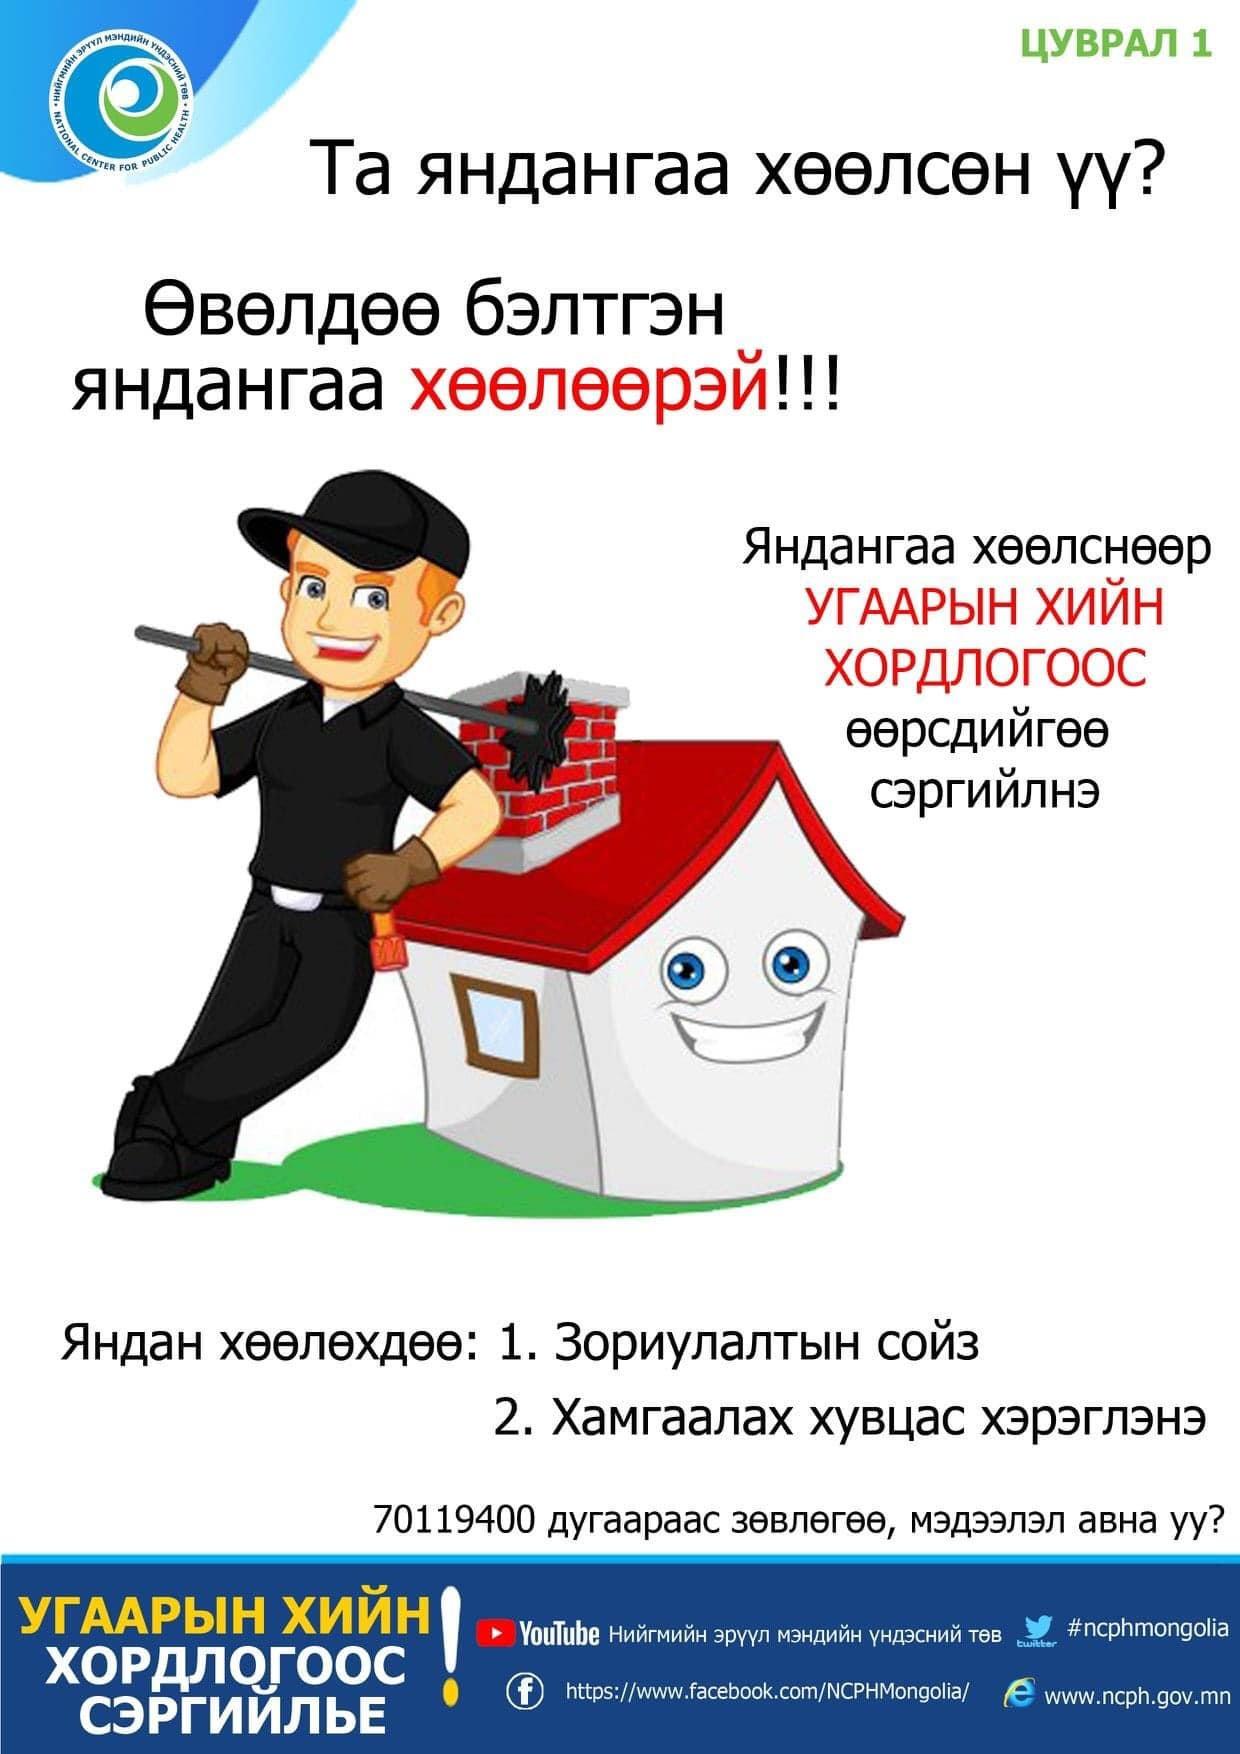 НЭМҮТ: Угаарын хийн ХОРДЛОГООС сэргийлье!!!